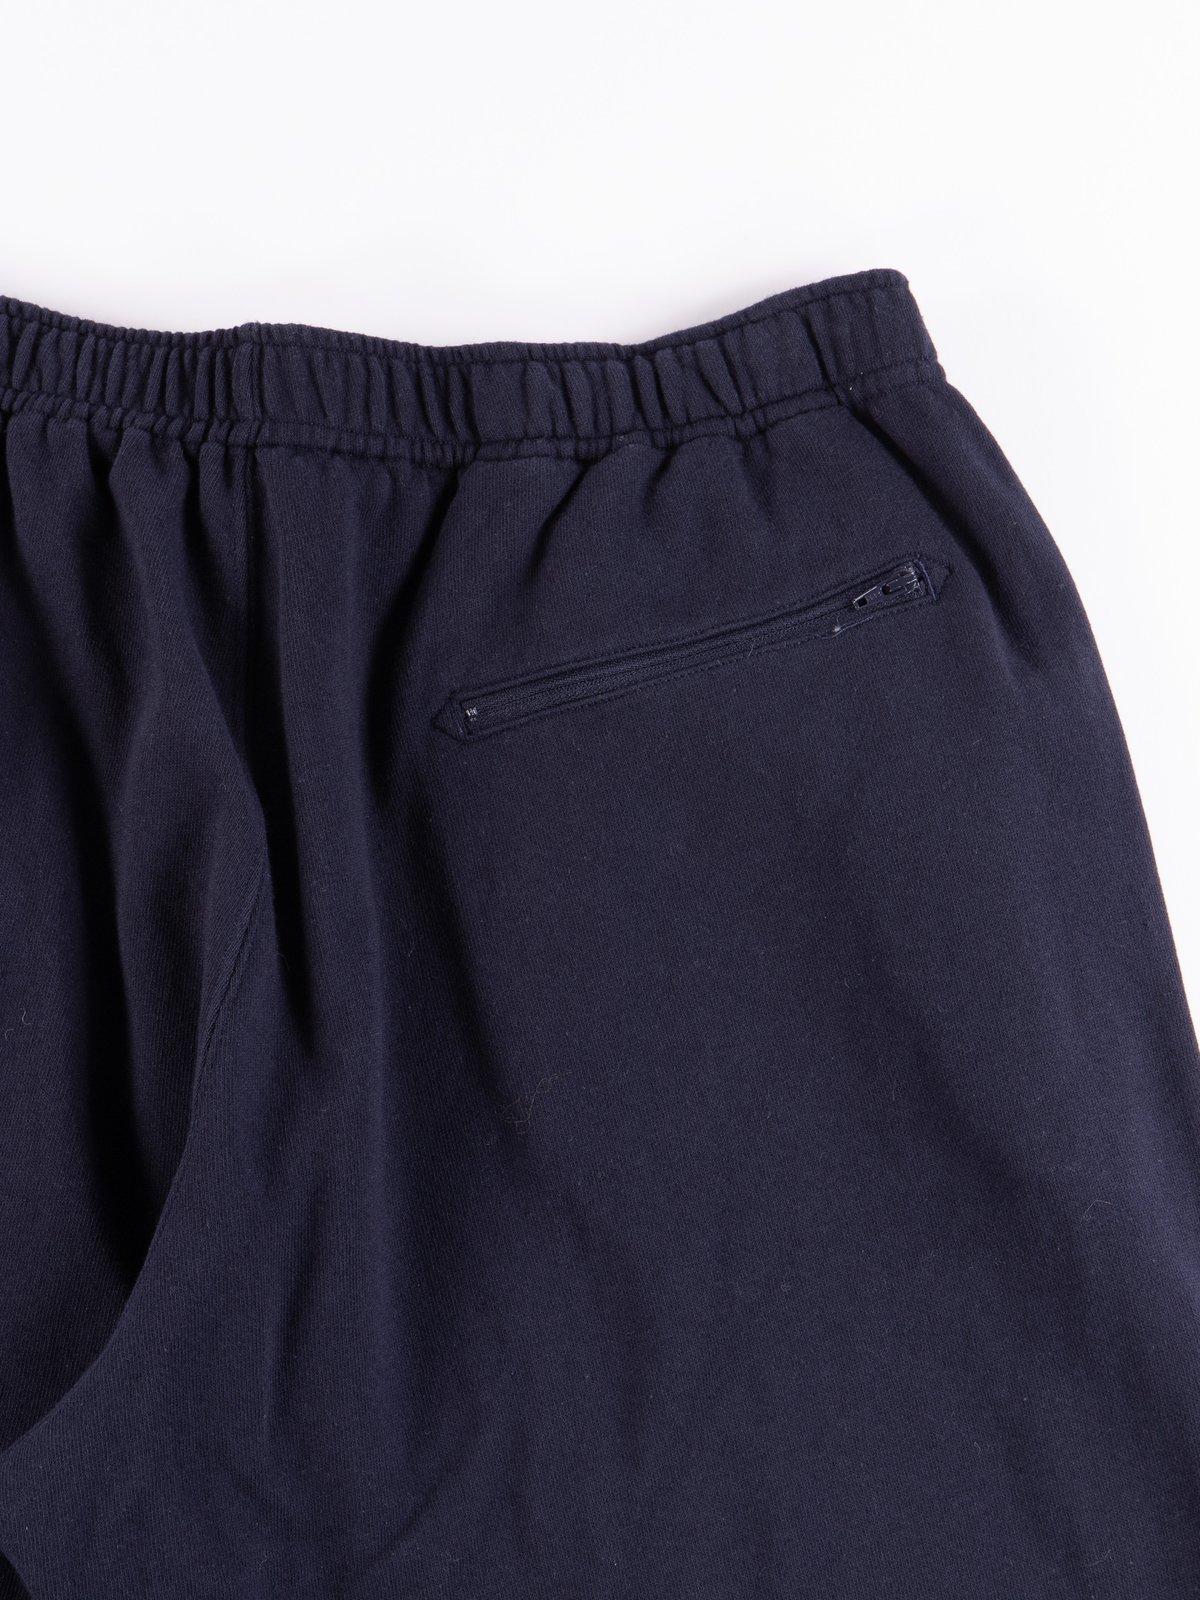 Navy Jog Pant - Image 6